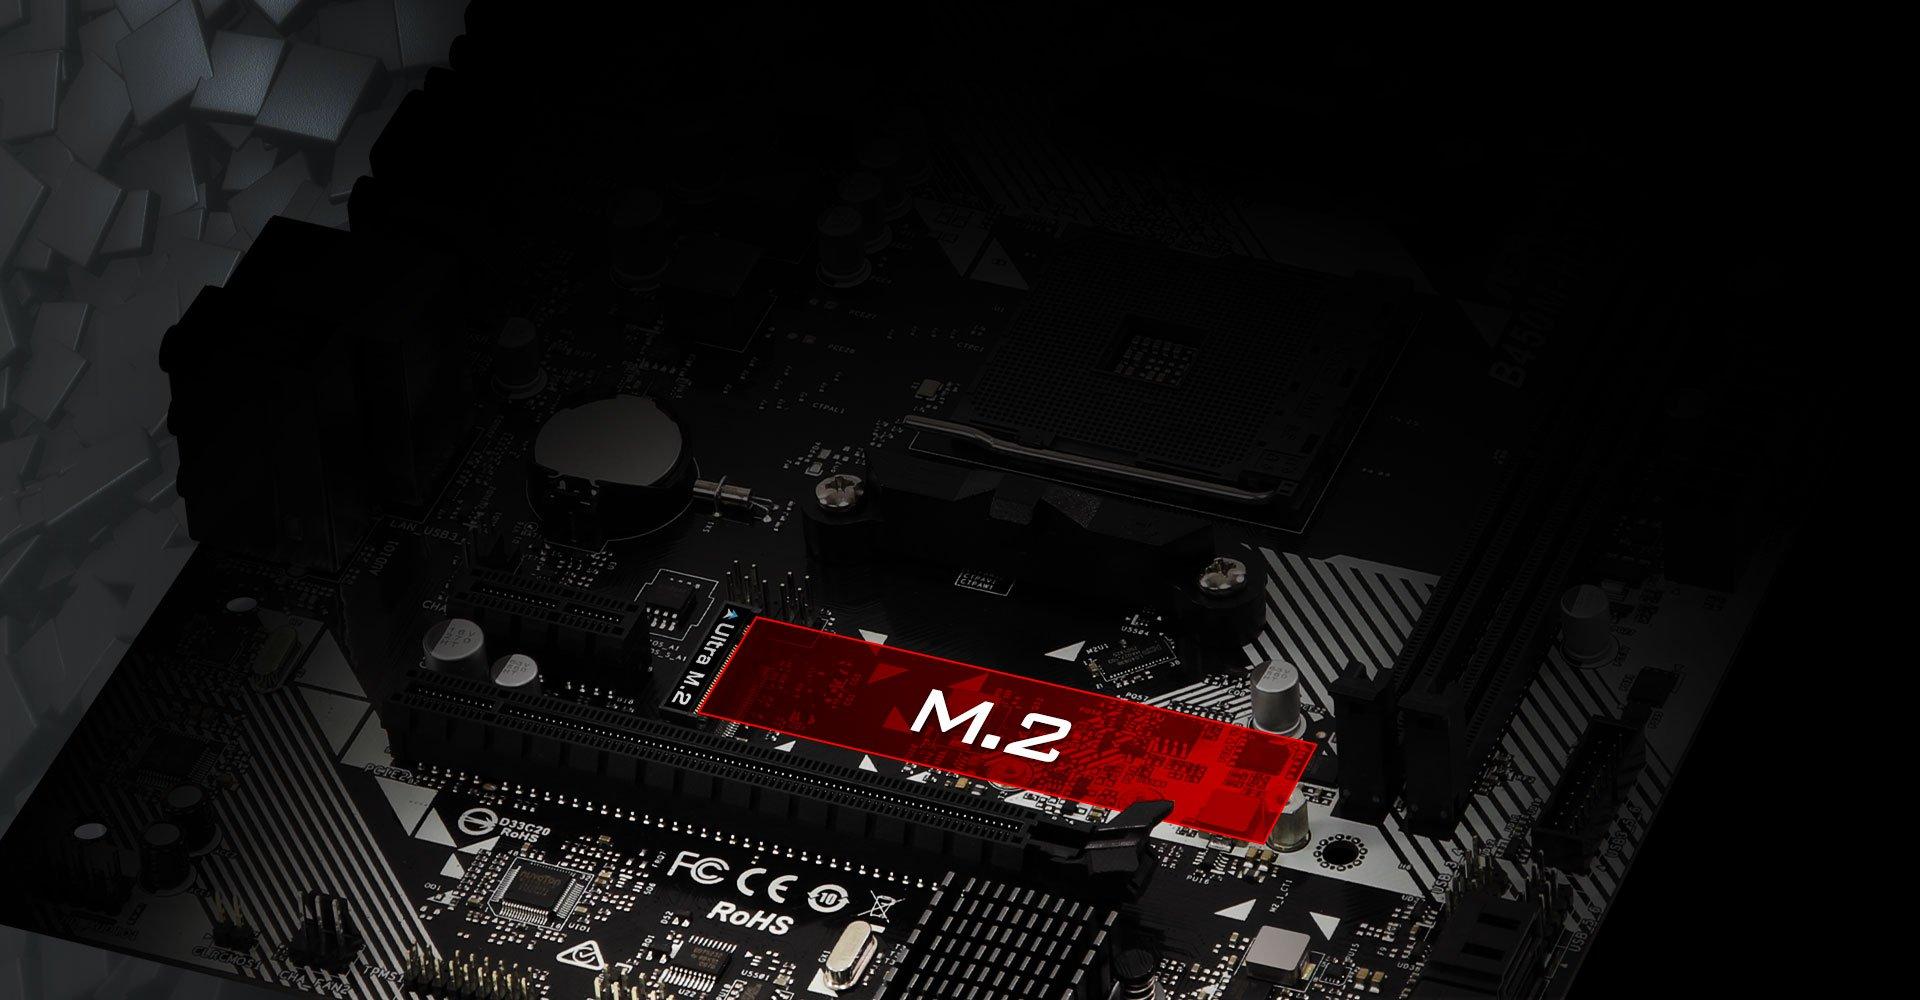 ASRock B450M-HDV R4.0 Socket AM4// AMD Promontory B450// DDR4// SATA3/&USB3.1// M.2// A/&GbE//MicroATX Motherboard